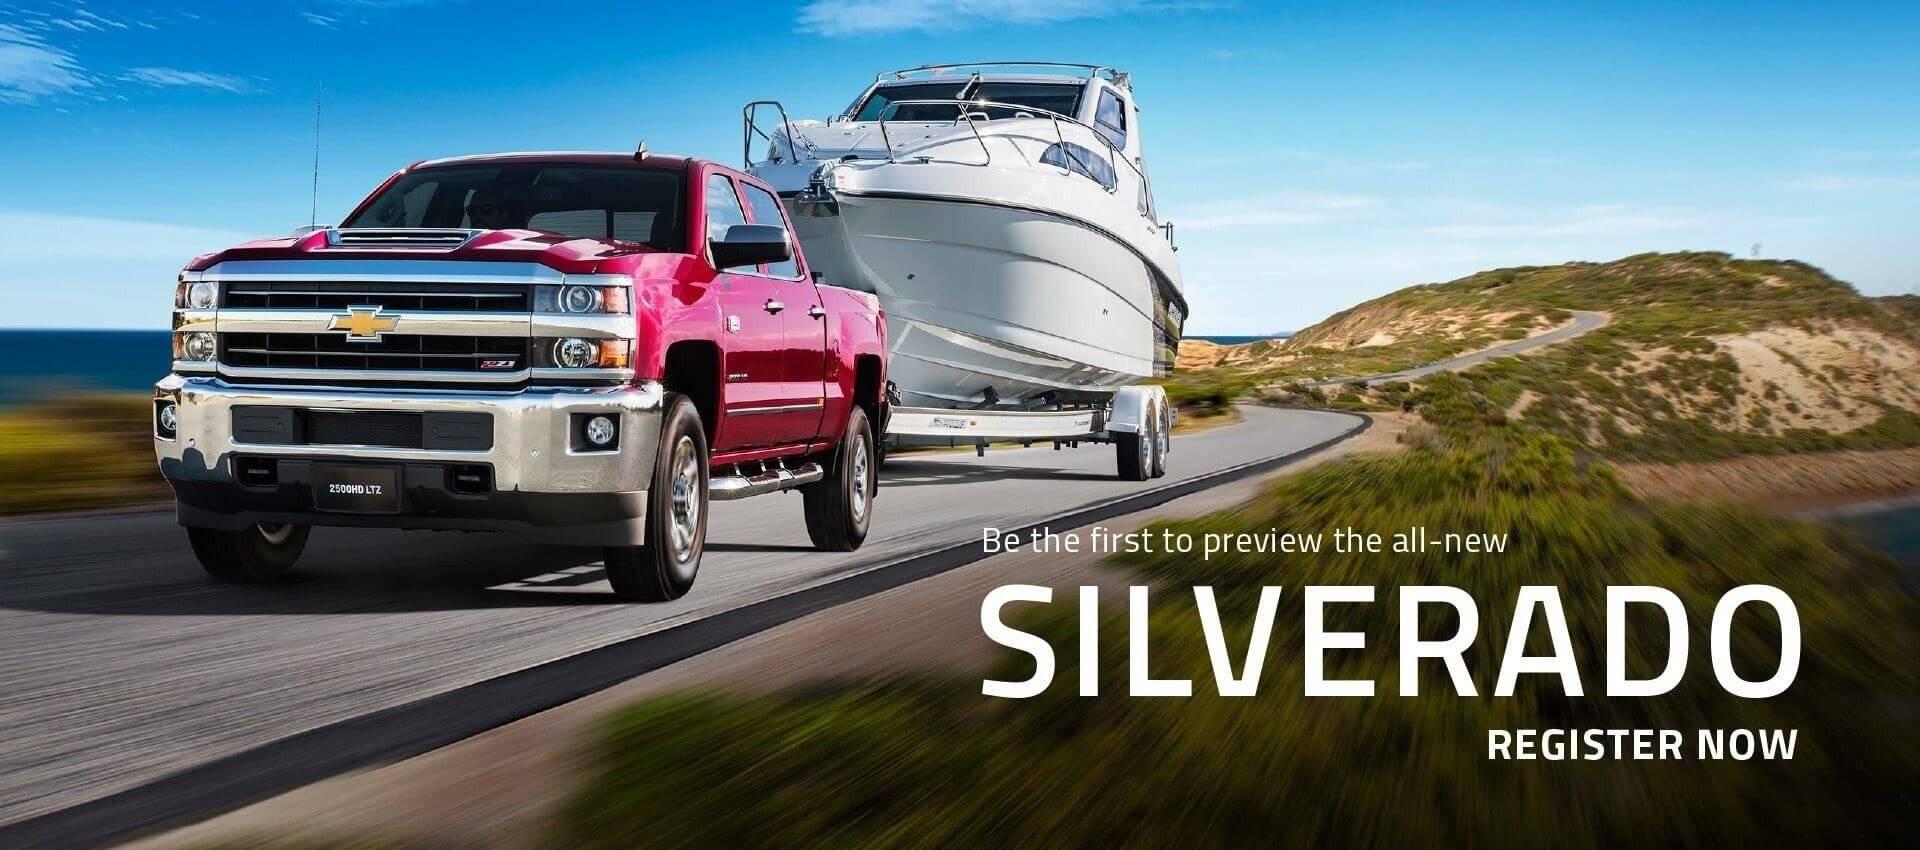 All-New Silverado